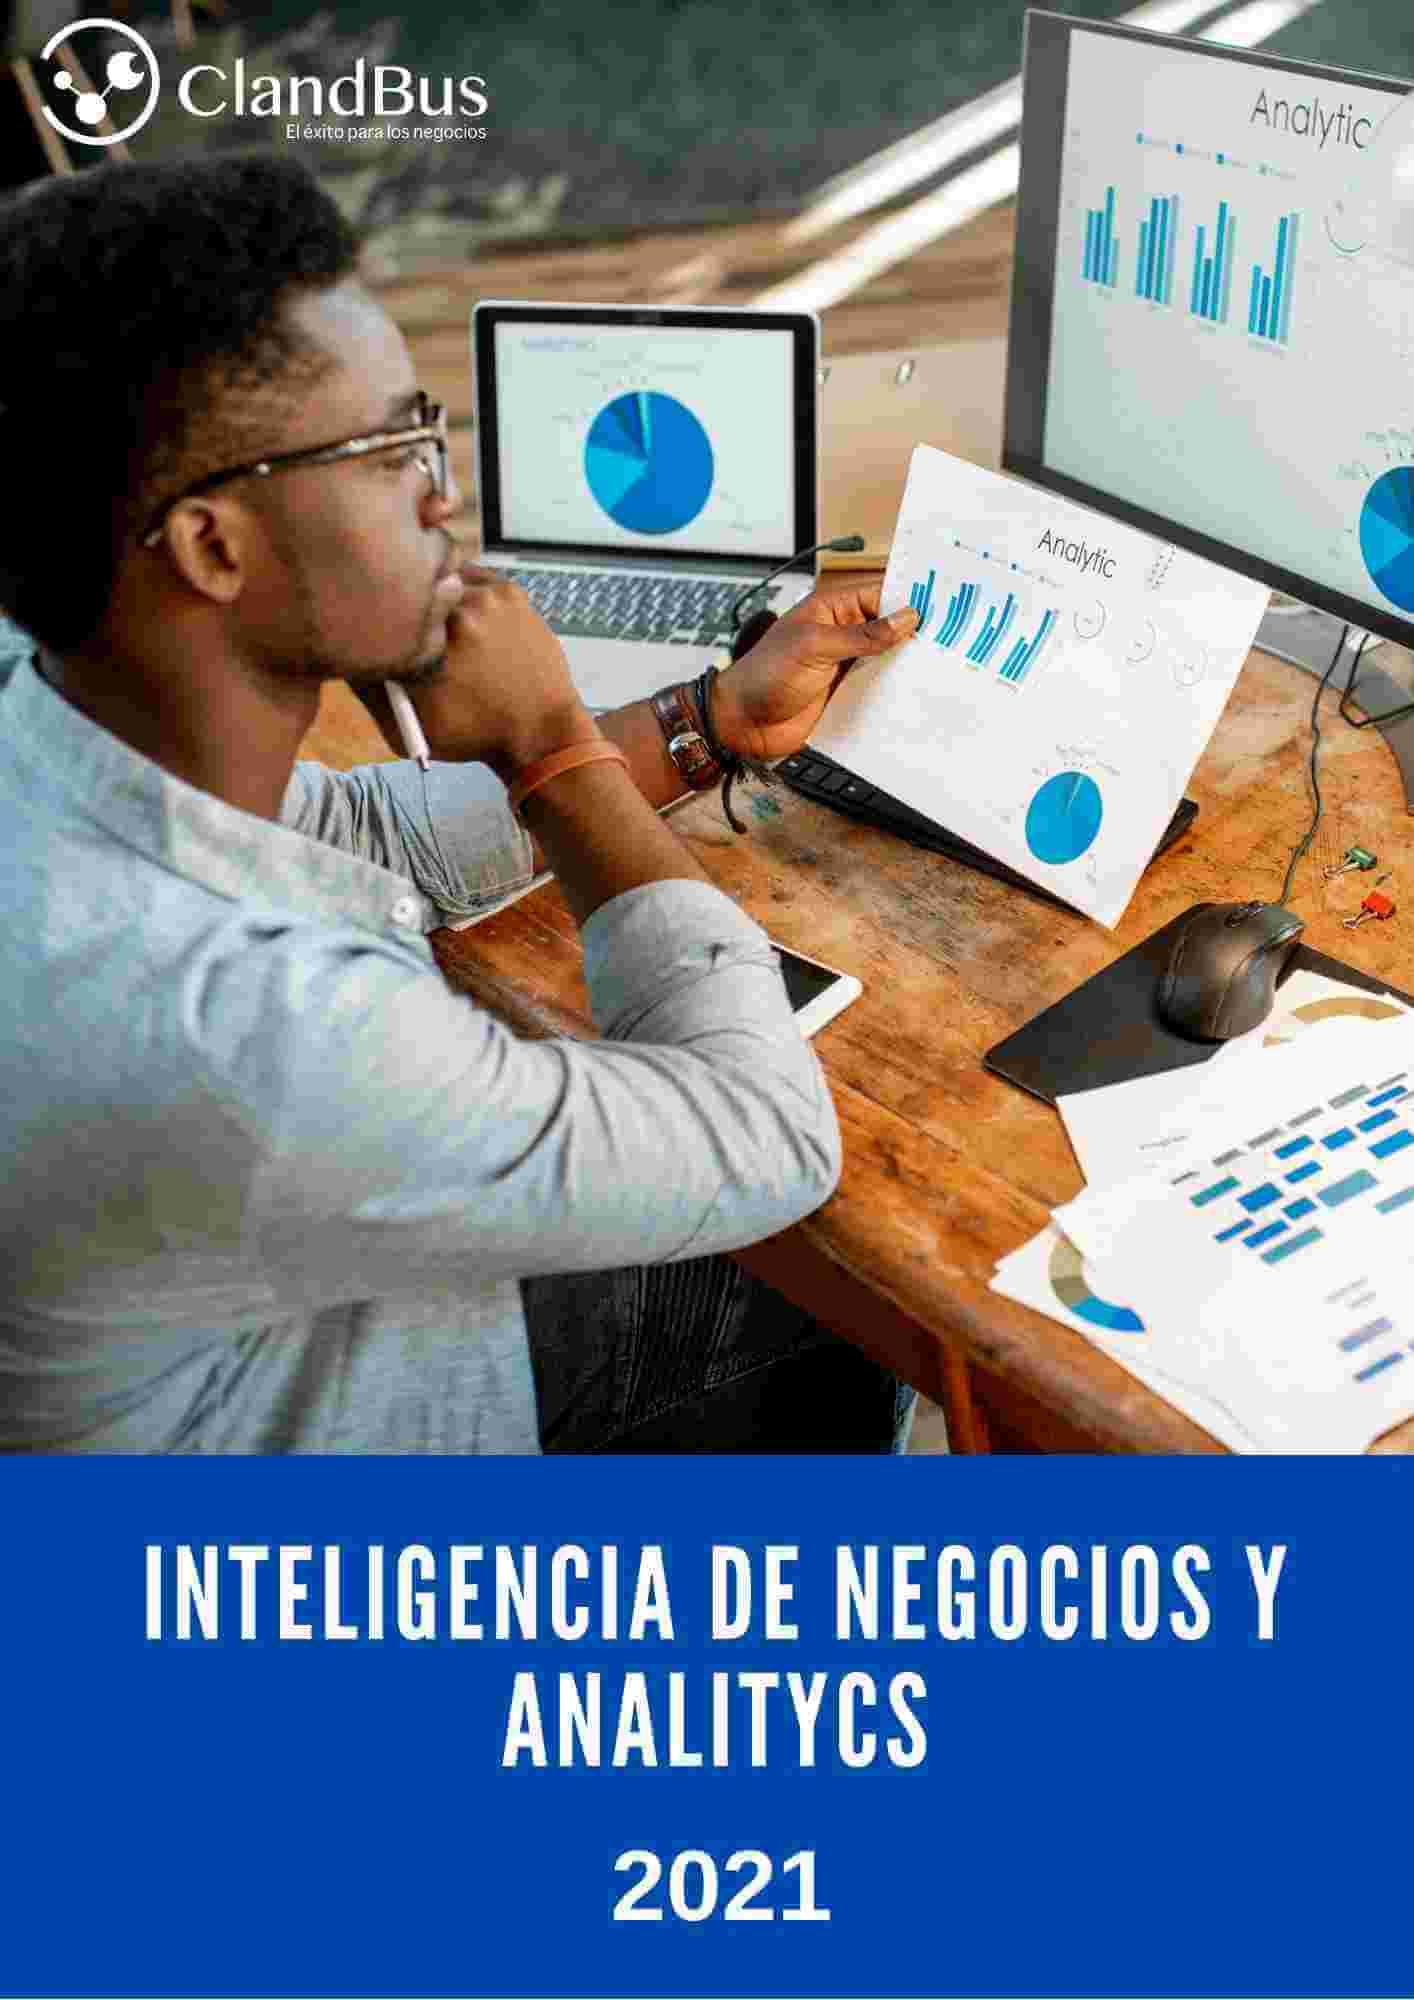 E-book ERP- ClandBus Inteligencia de Negocios Analytics con integración de Acumatica ERP